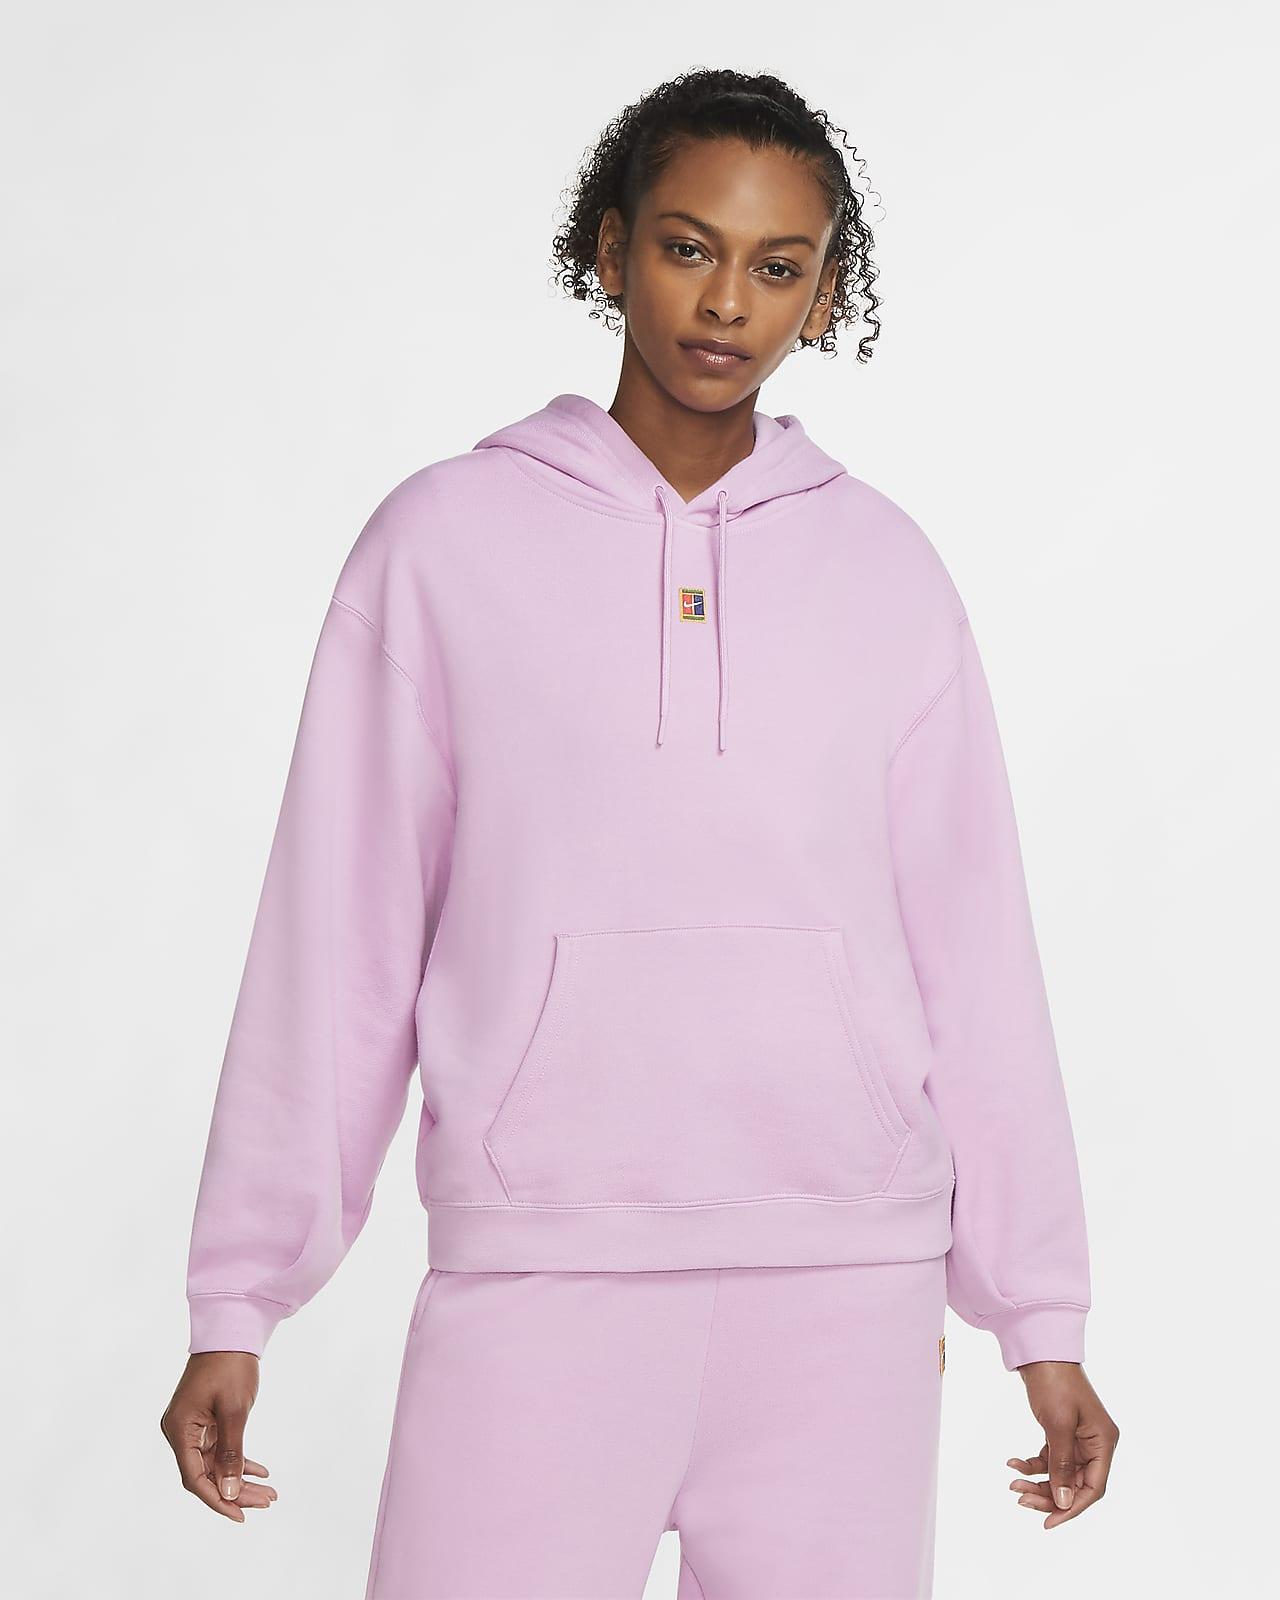 เสื้อเทนนิสมีฮู้ดผ้าฟลีซผู้หญิง NikeCourt